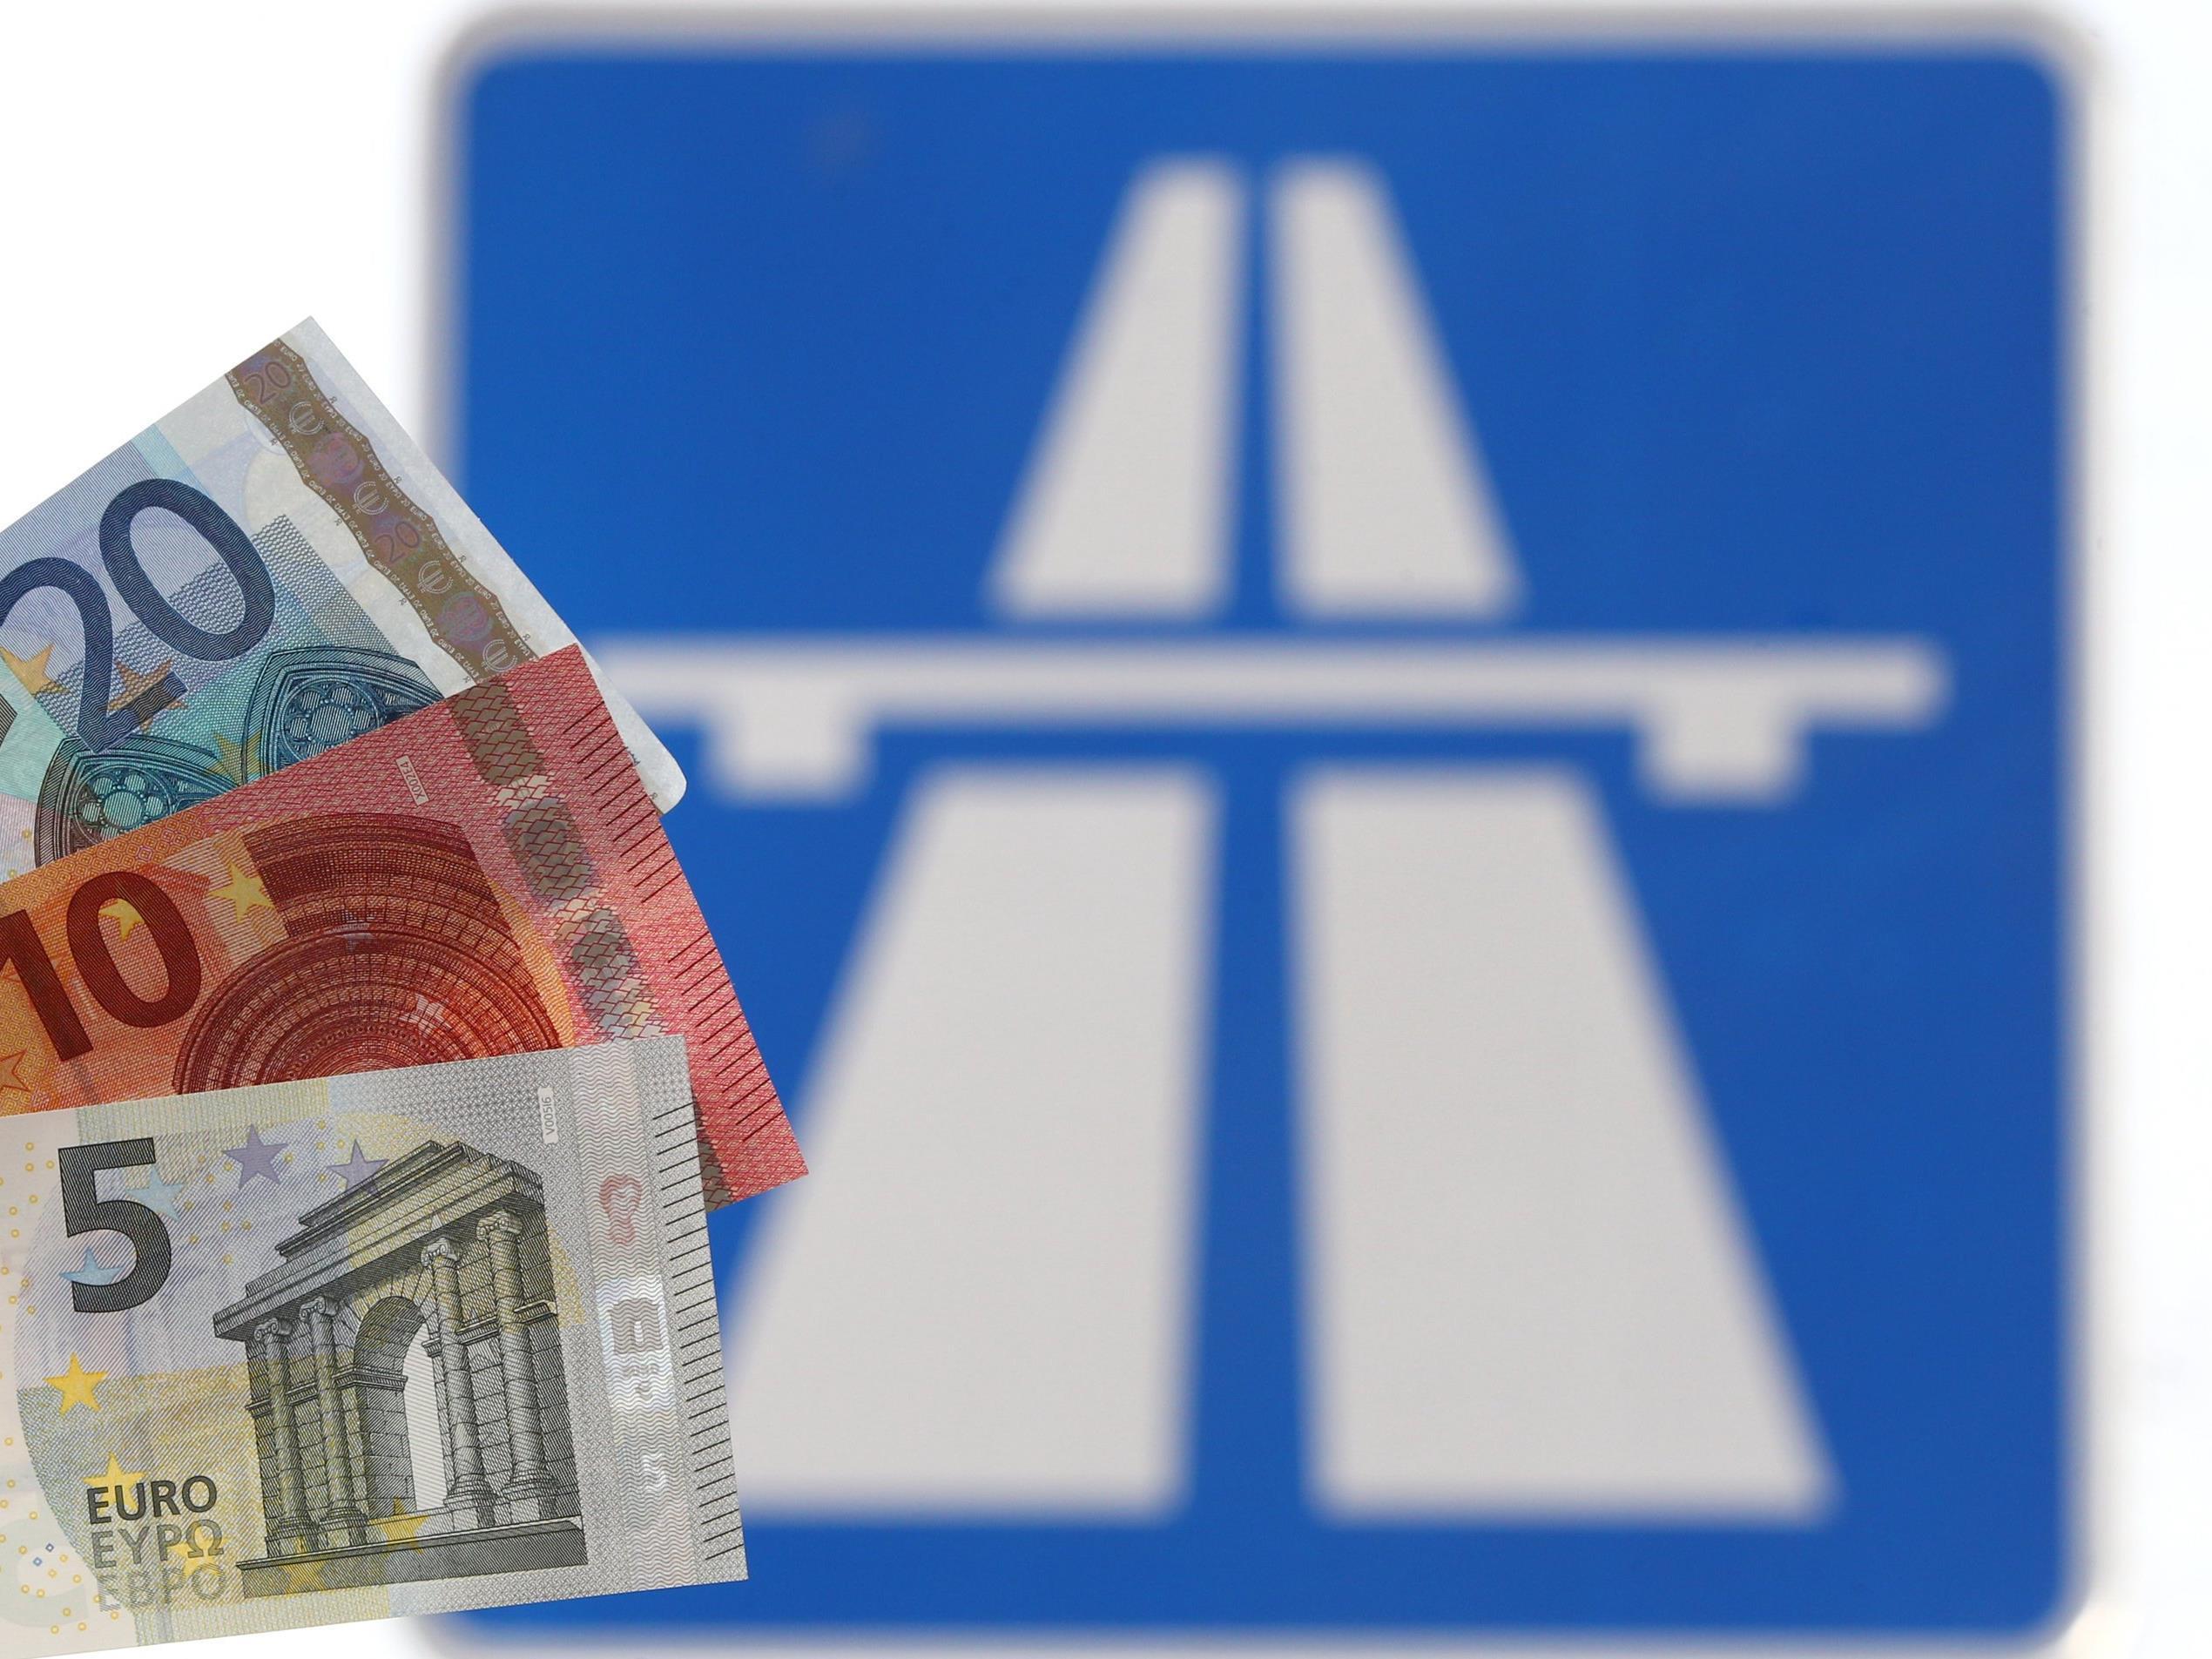 Die geplante PKW-Maut auf deutschen Autobahnen sorgt für Unruhe